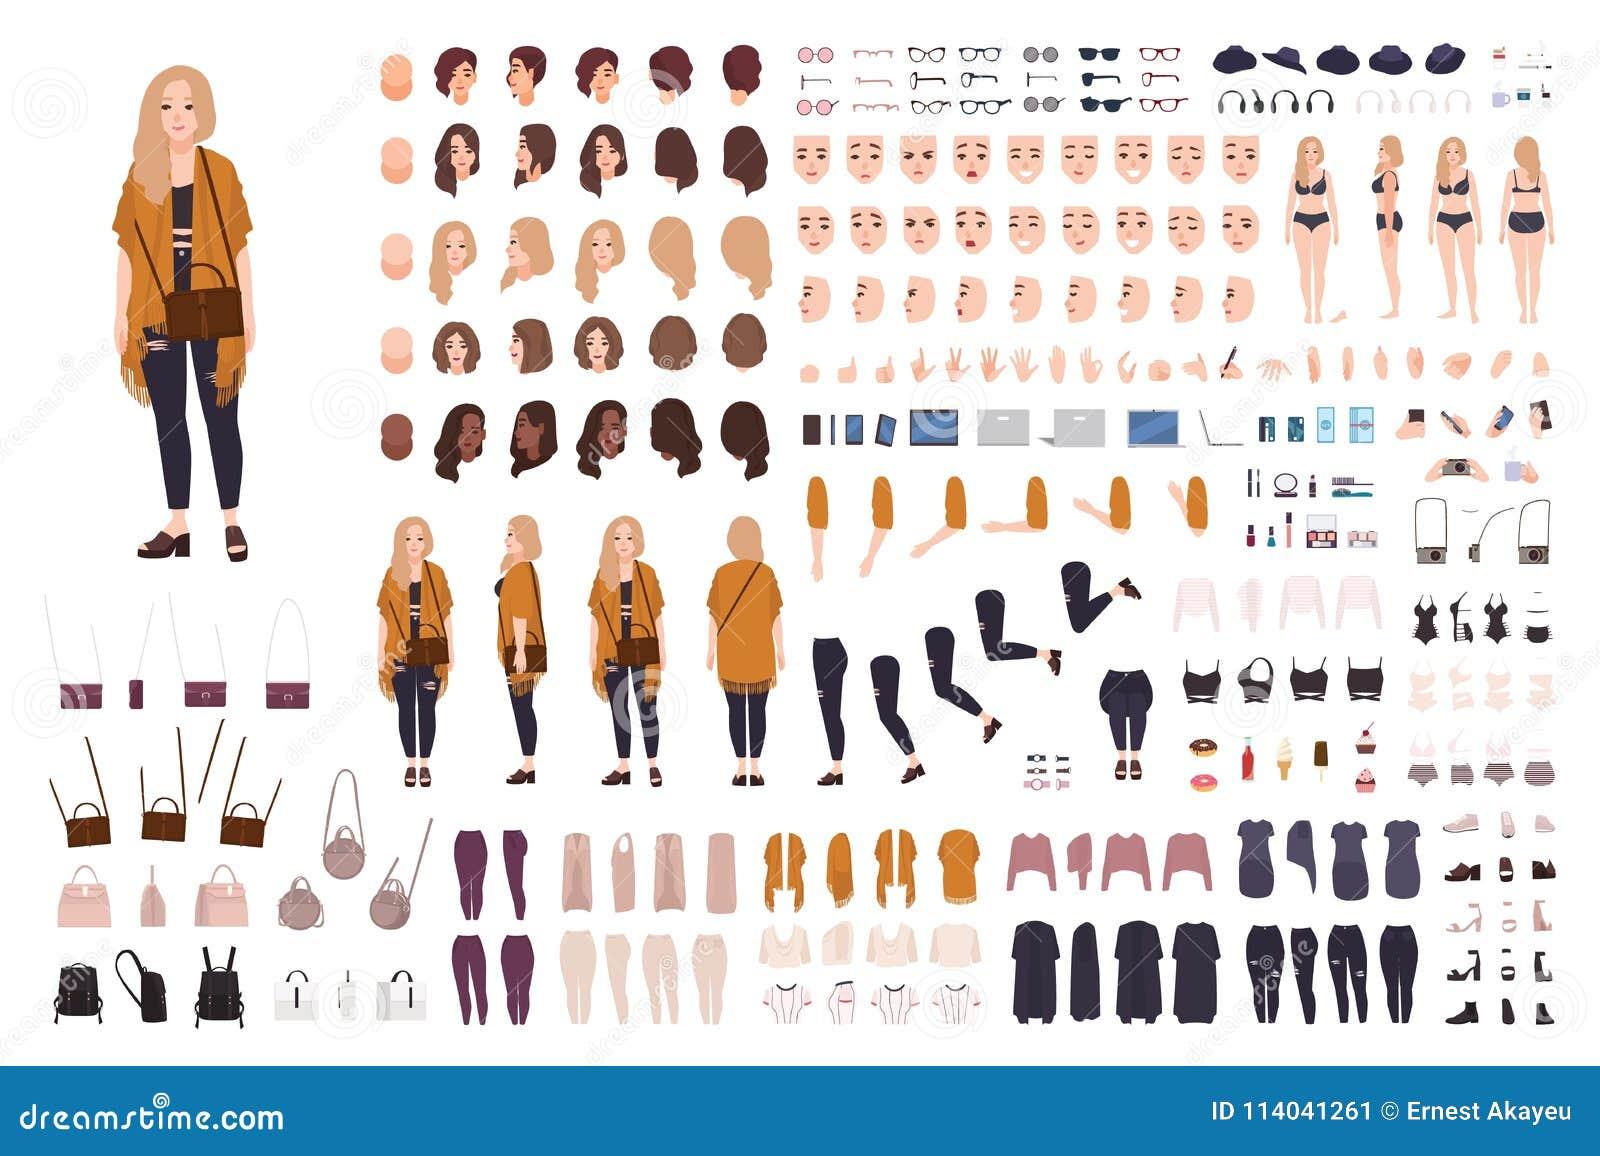 Młody gruby curvy kobiety, plus dziewczyny wielkościowy konstruktor lub Set części ciała, wyrazy twarzy, odziewa